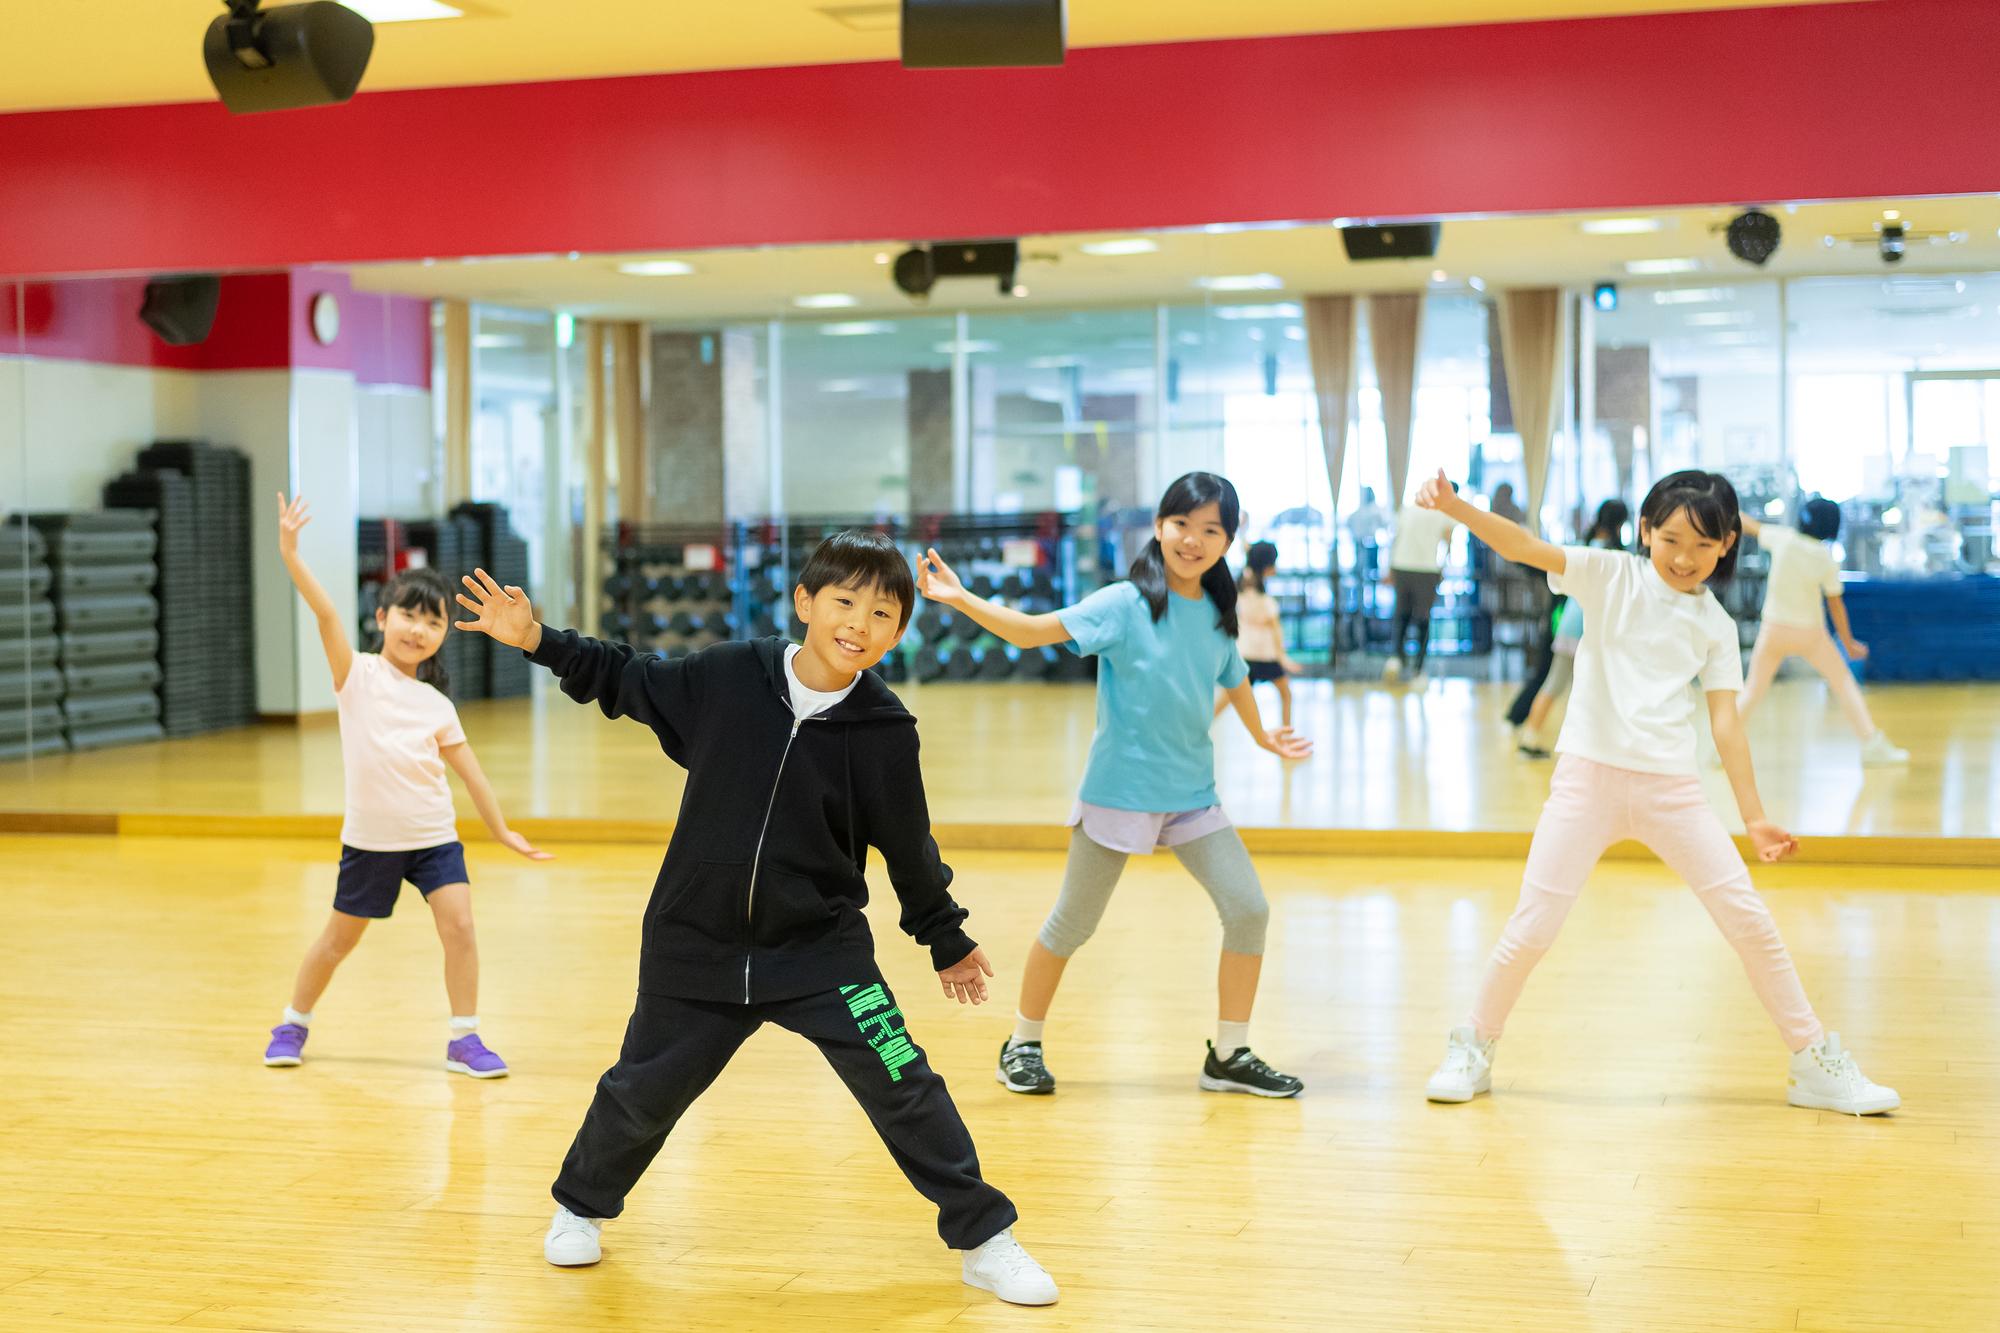 ダンススクール幼児に習わせたいスポーツ